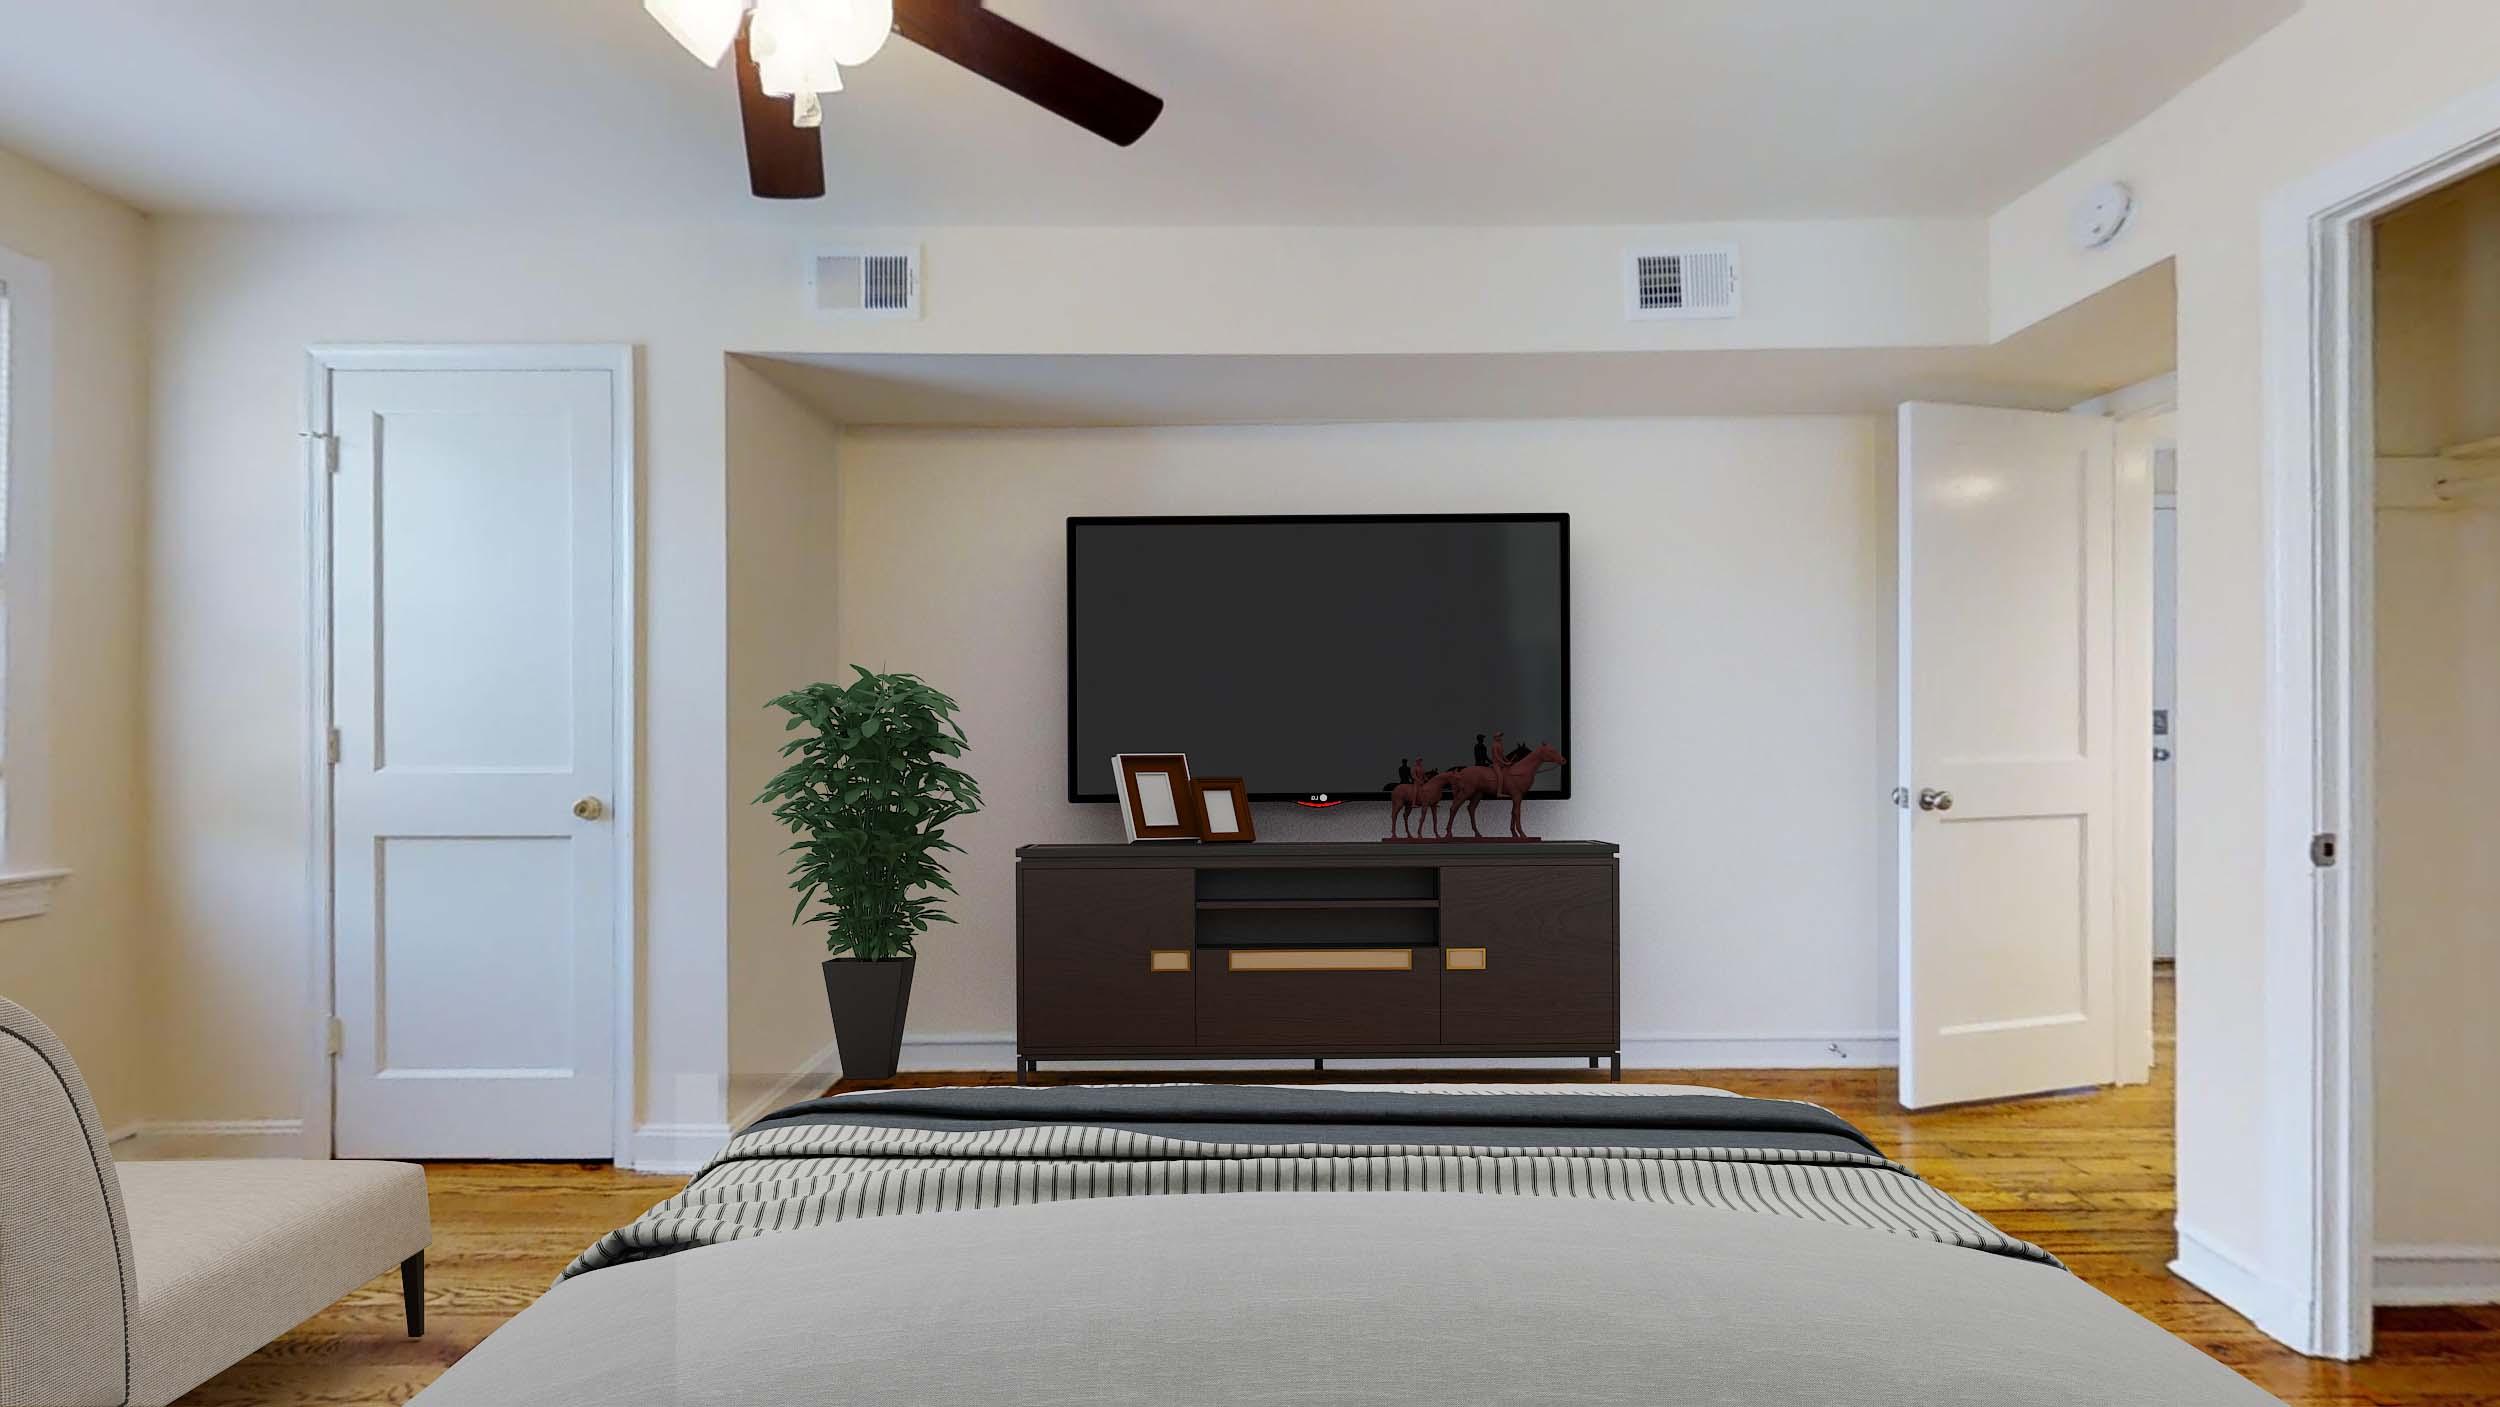 Crescent-Park-Apartments-1-Bedroom-for-Rent-DC-Bedroom (2)-min